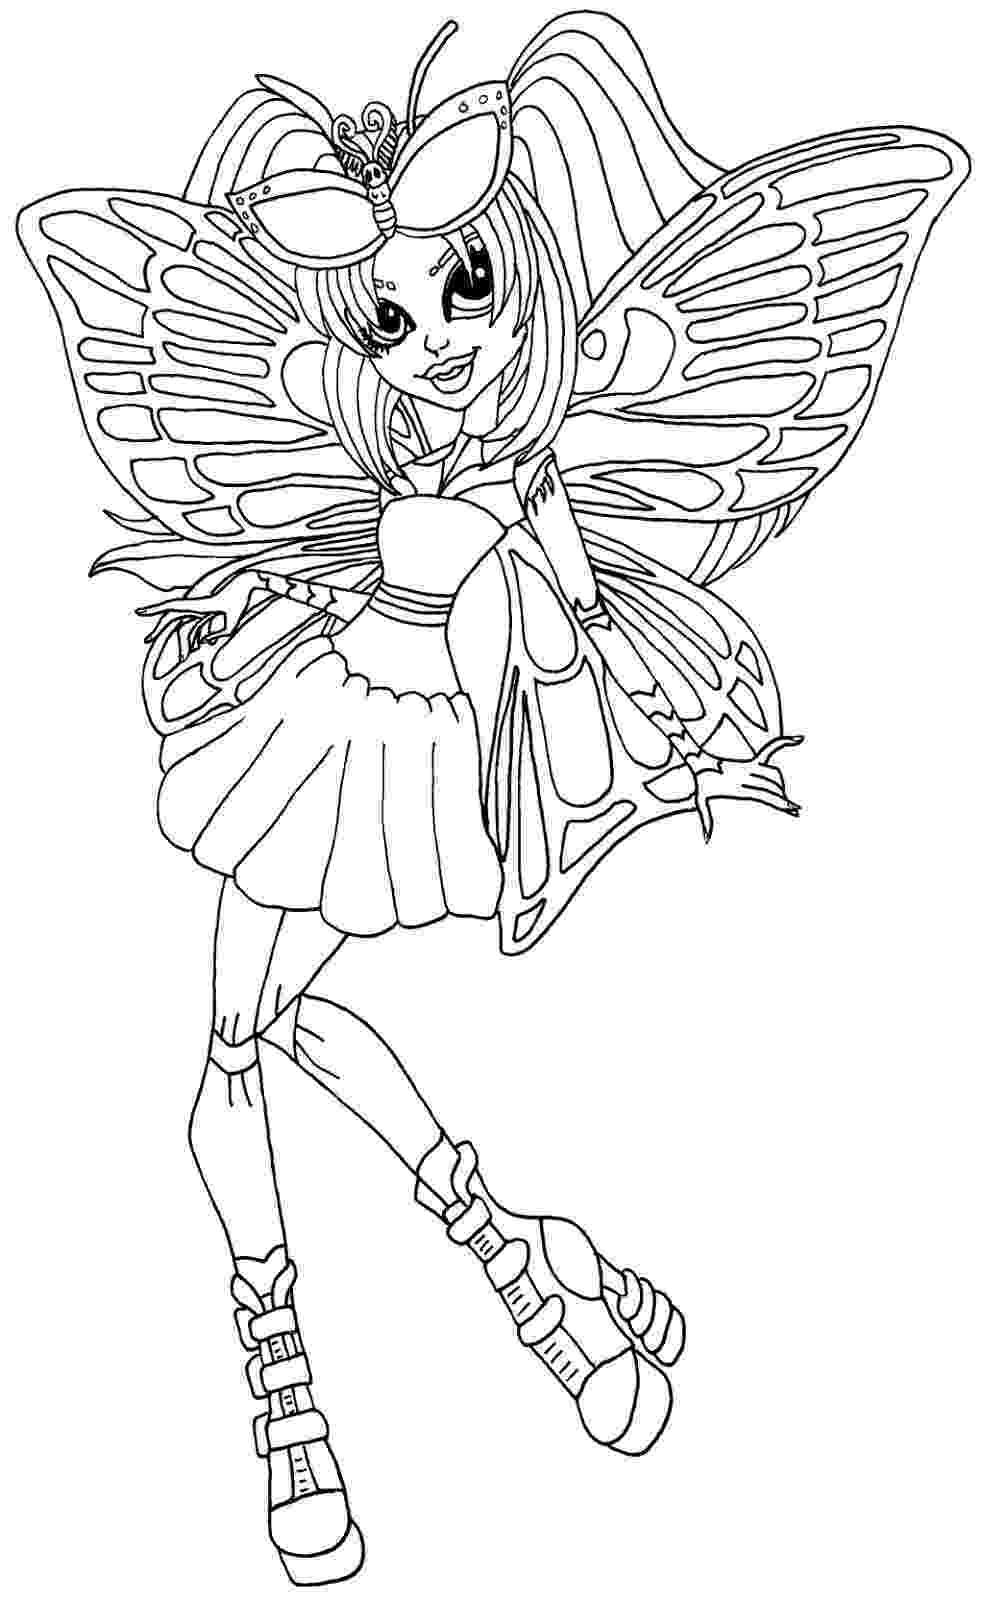 monster high vrityskuvat monster high spectra vondergeist doll coloring page free high monster vrityskuvat